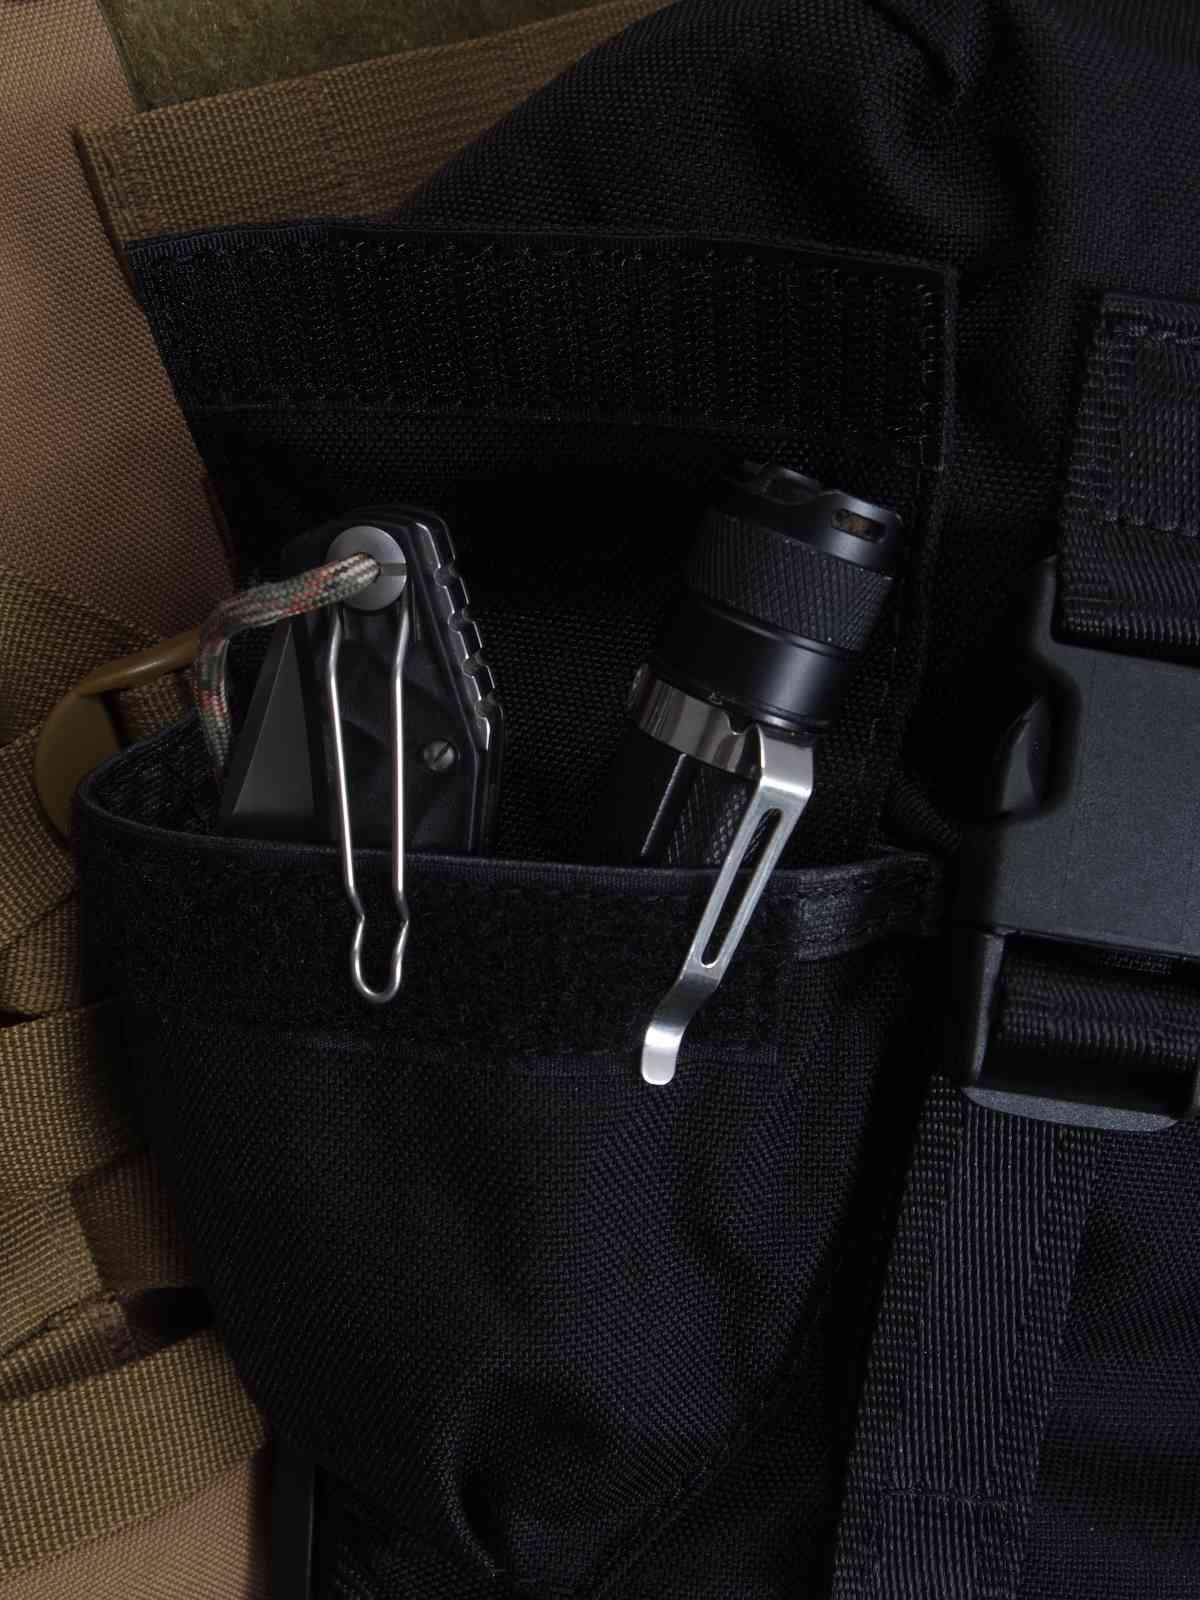 Cop Oberschenkeltasche - Kleine Seitentasche